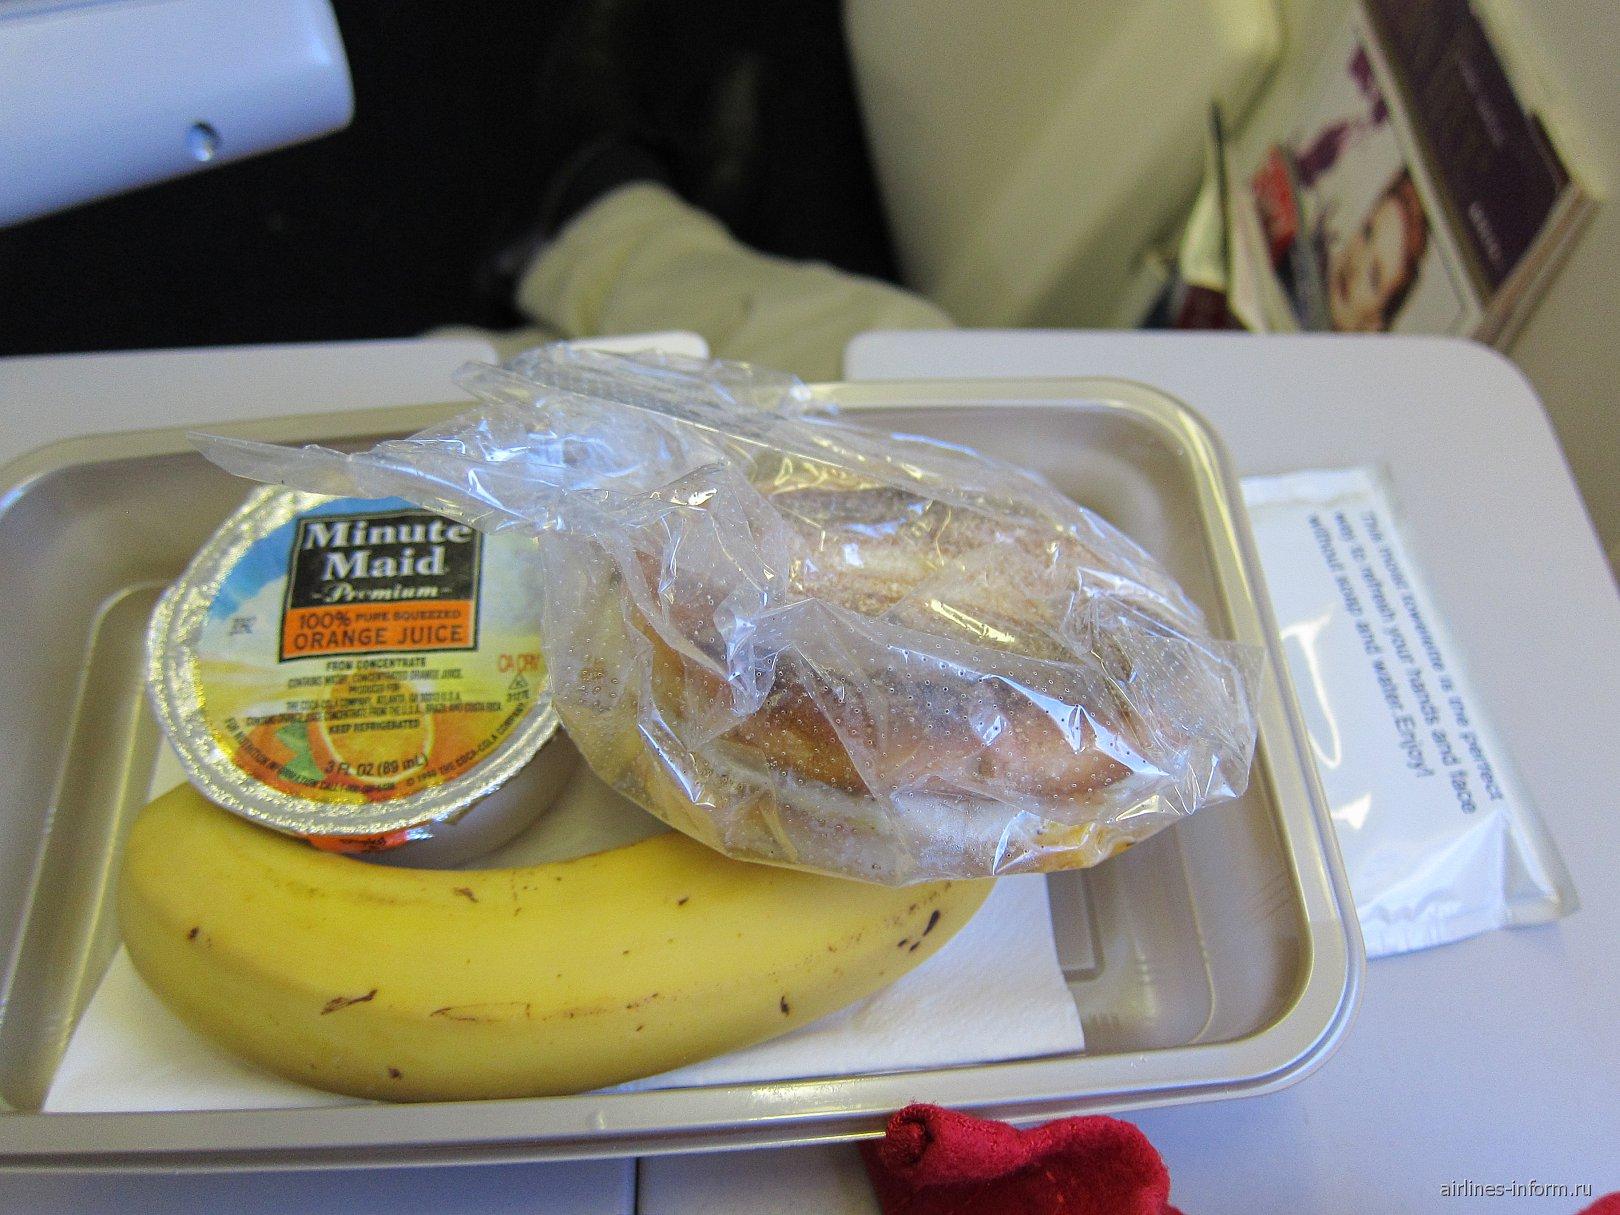 Питание на рейсе Нью-Йорк-Москва авиакомпании Дельта